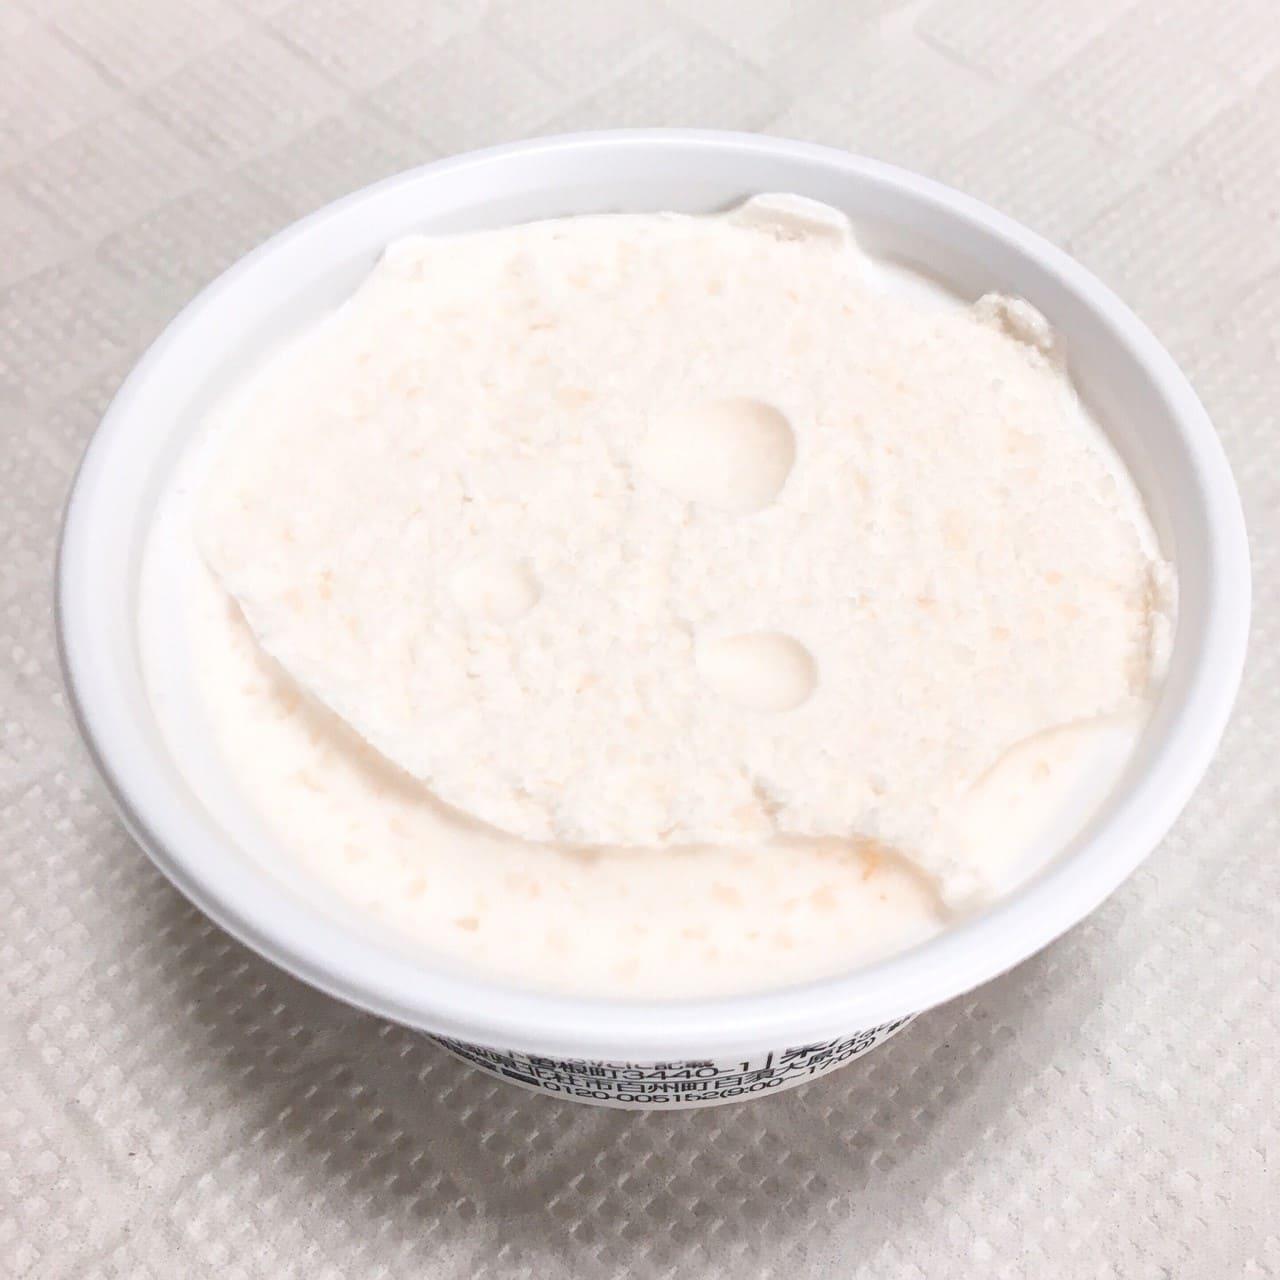 デザート氷クリーム仕立て 山梨県産白桃ヨーグルト風味